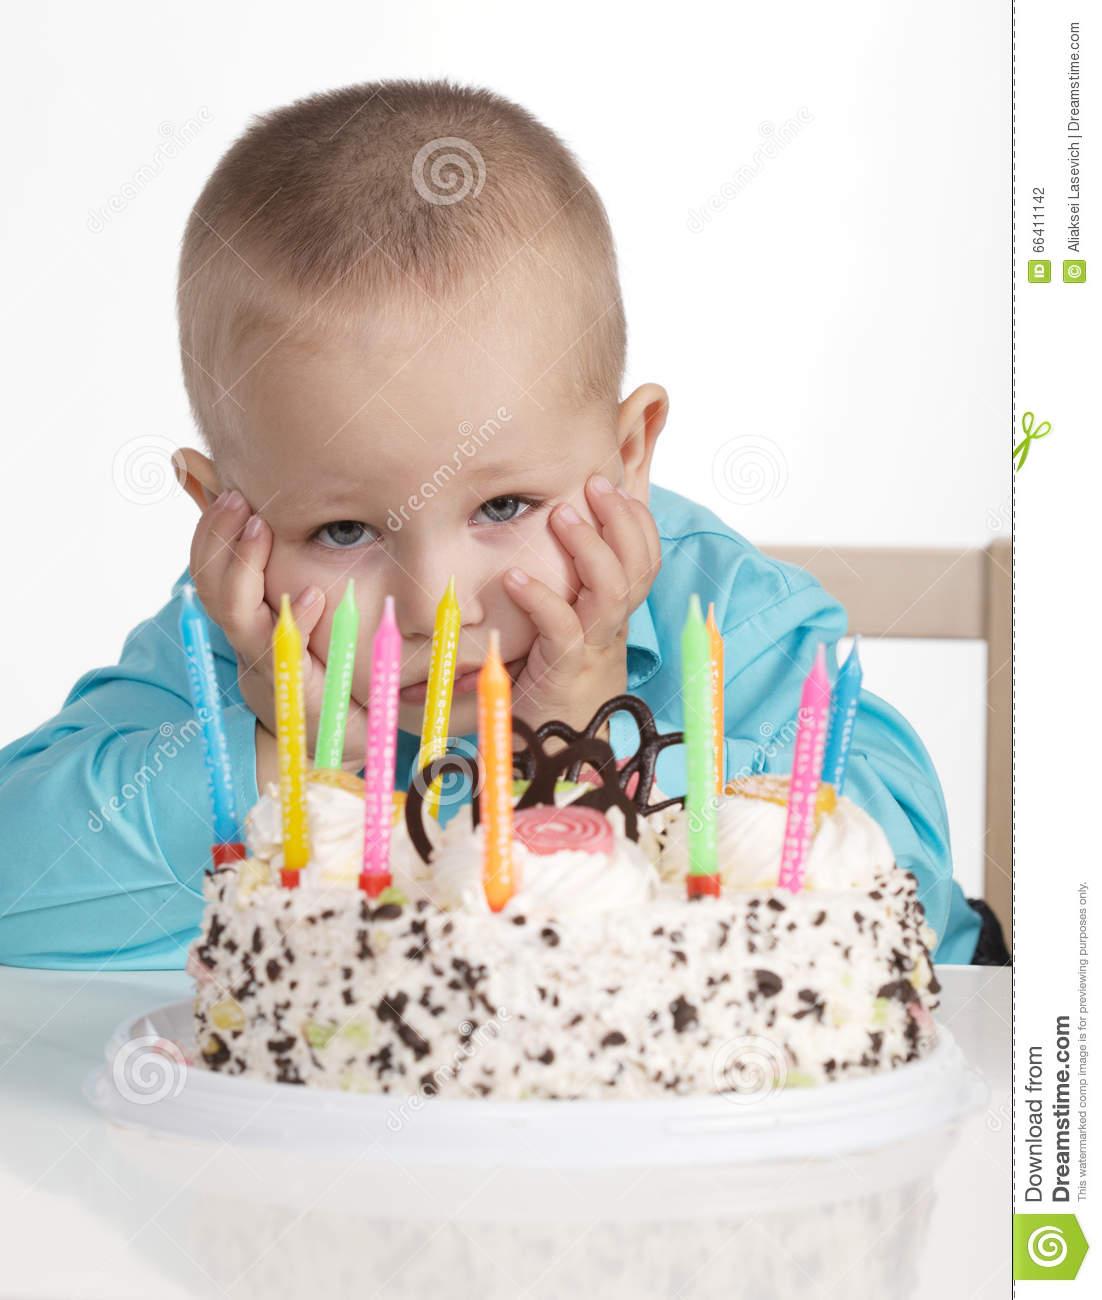 cumpleaños-aburrido-del-niño-pequeño-66411142.jpg